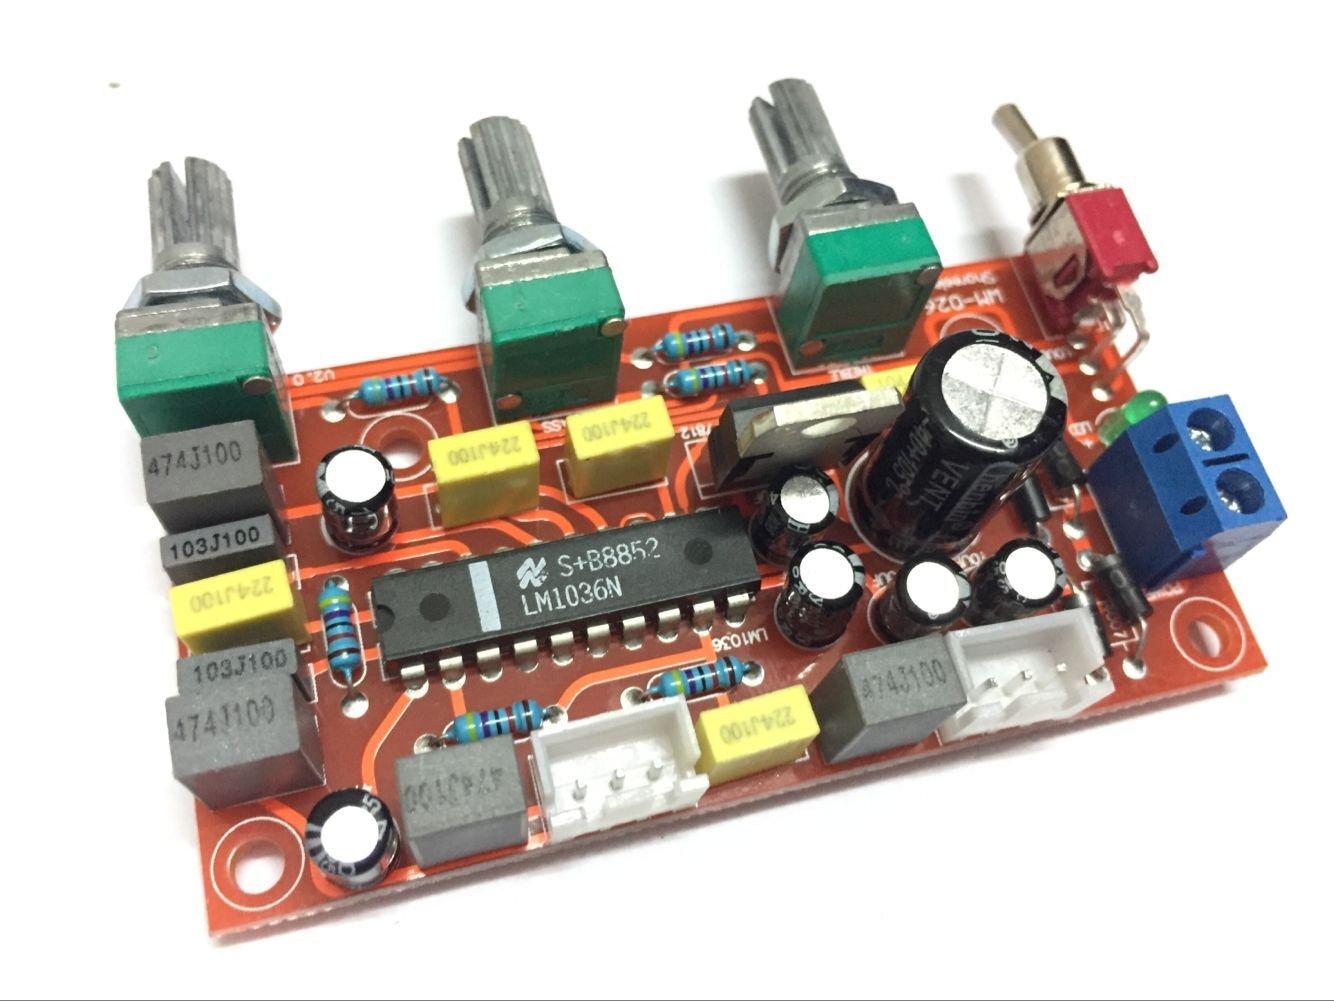 Scheda di sintonia frontale dell'amplificatore di potenza HIFI classe LM1036 LIDONGDIANZI